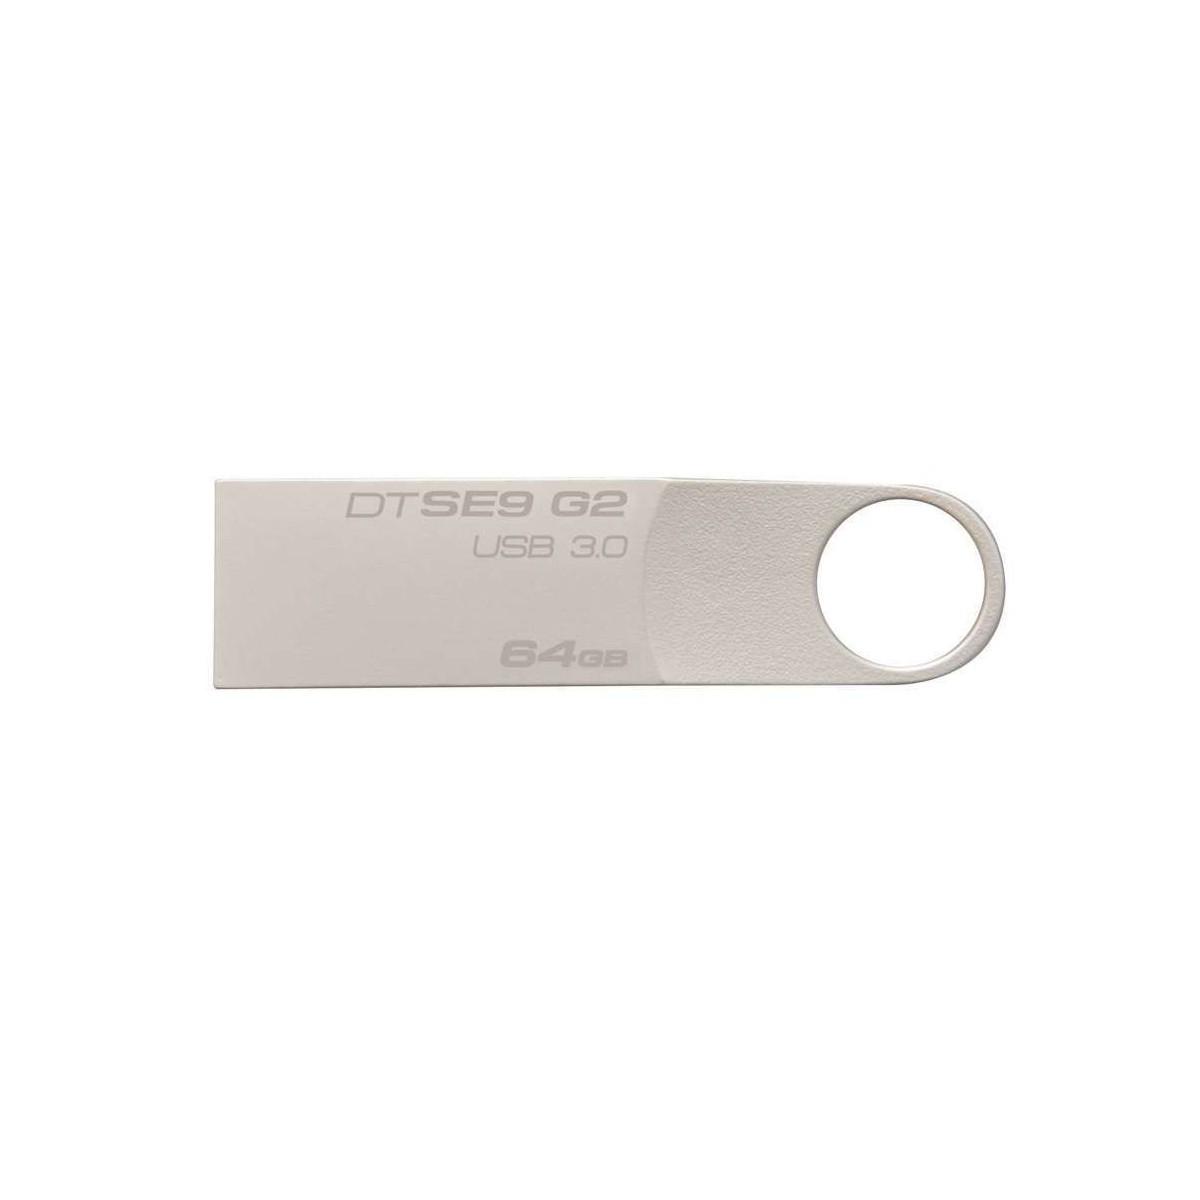 Pendrive Kingston DataTraveler SE9 G2 64GB USB 3.0